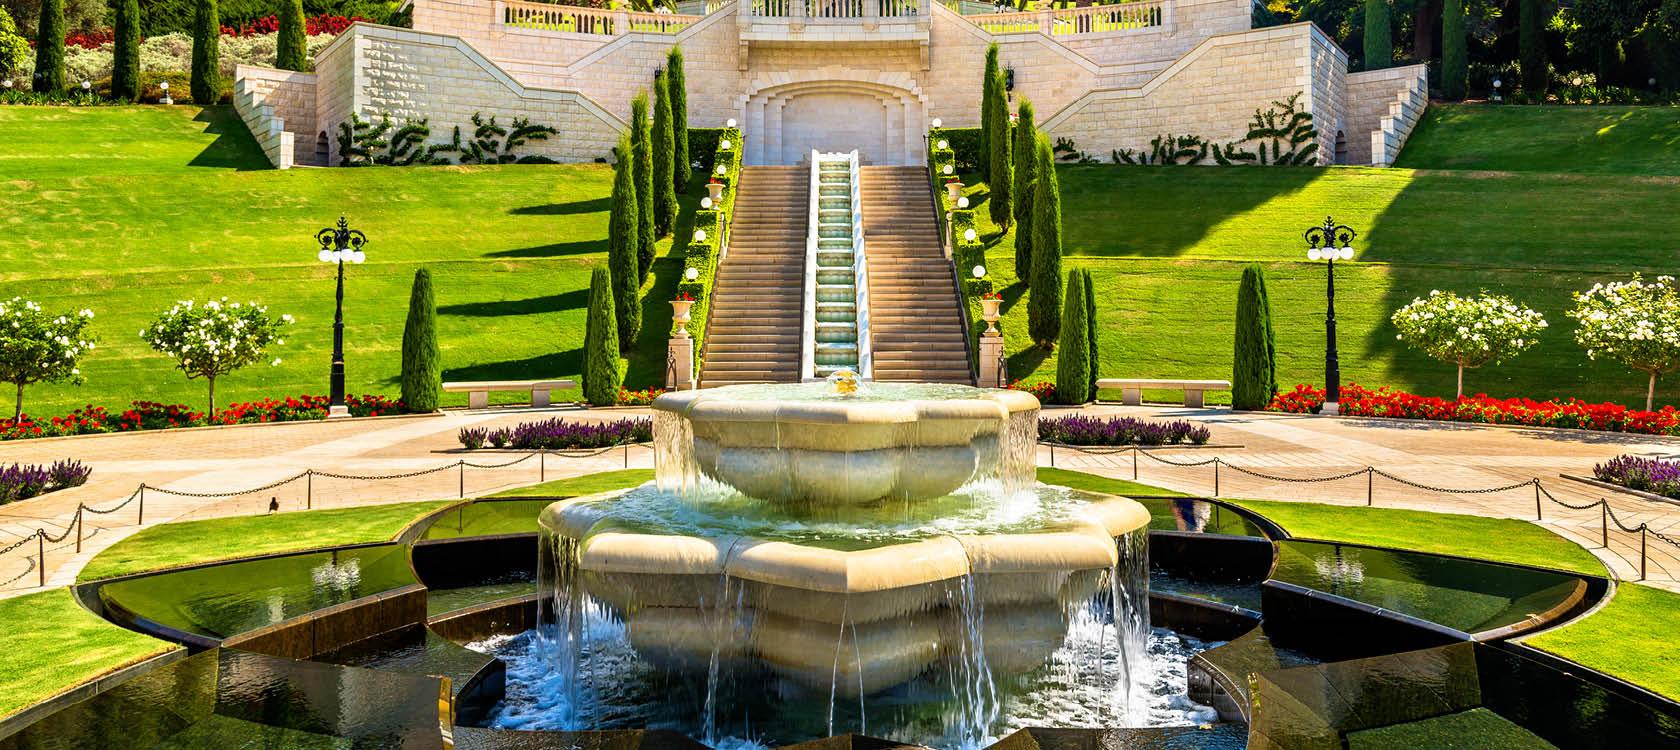 Vackra kreationer och fontäner i Bahai Gardens i Haifa, Israel.